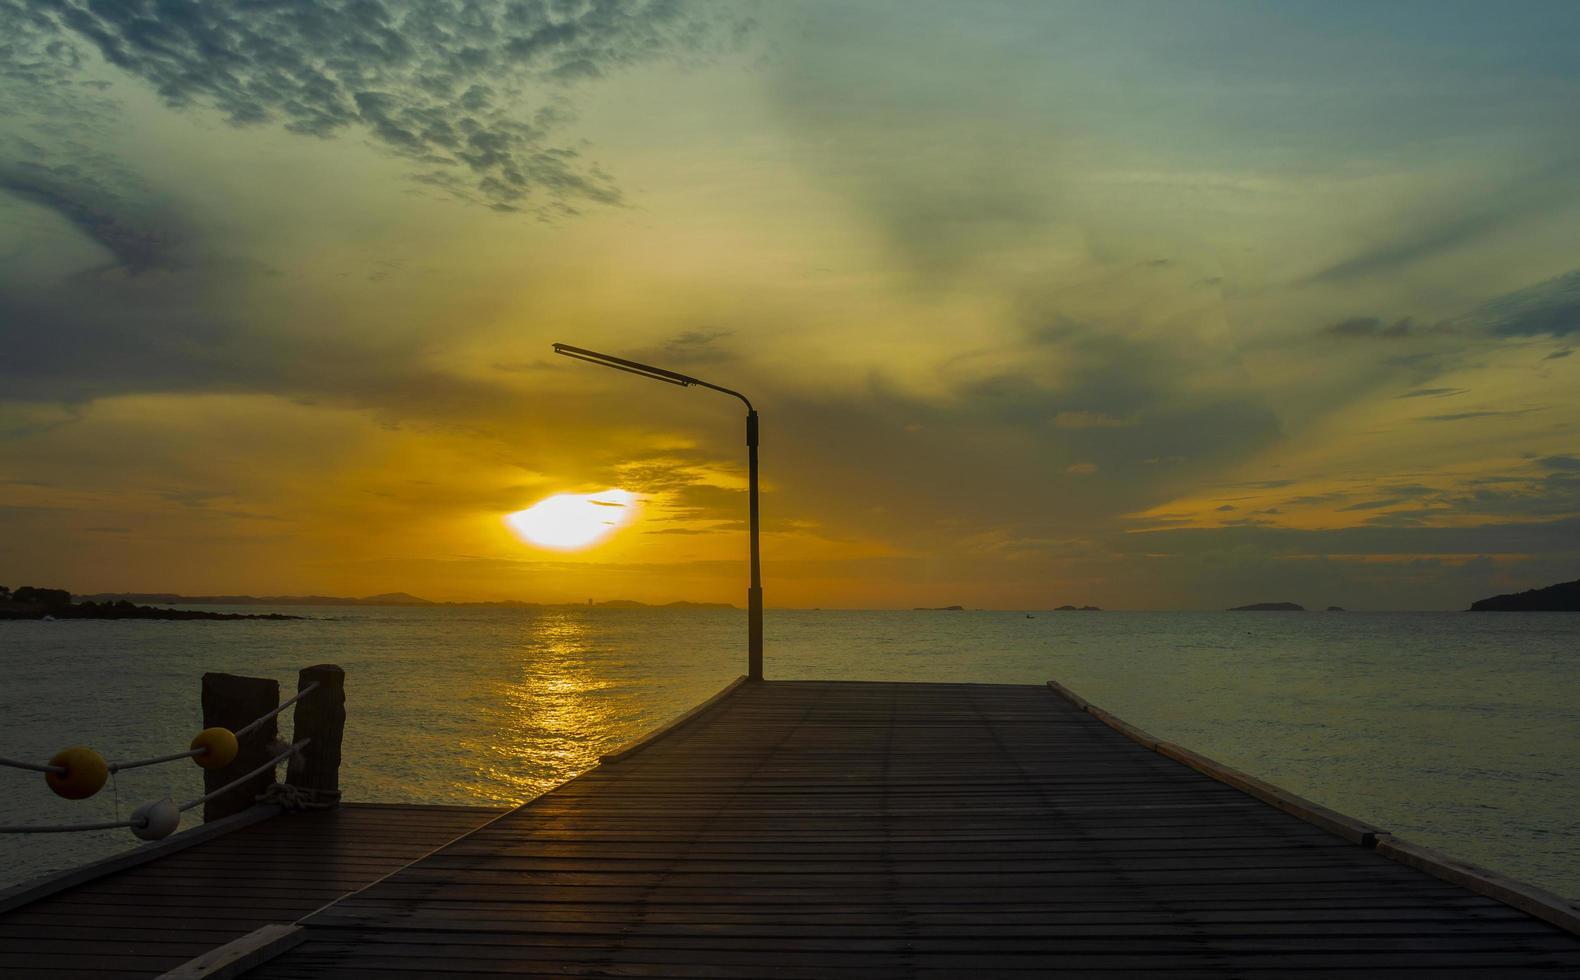 pont en bois pour la beauté de la mer photo